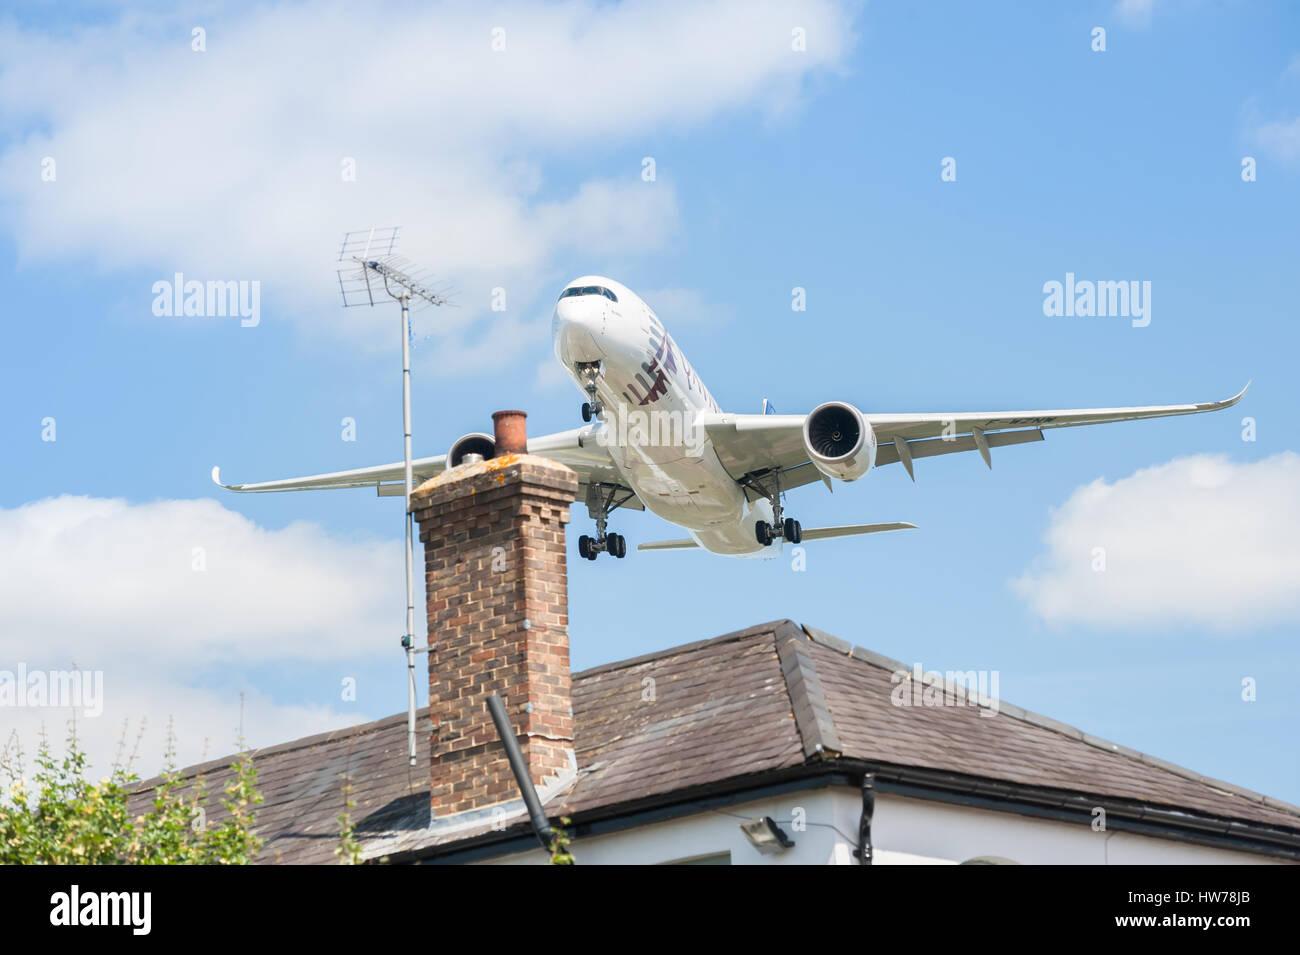 Qatar Airways Airbus A350 su approccio di atterraggio sopra i tetti di partecipare all'Airshow di Farnborough, Immagini Stock